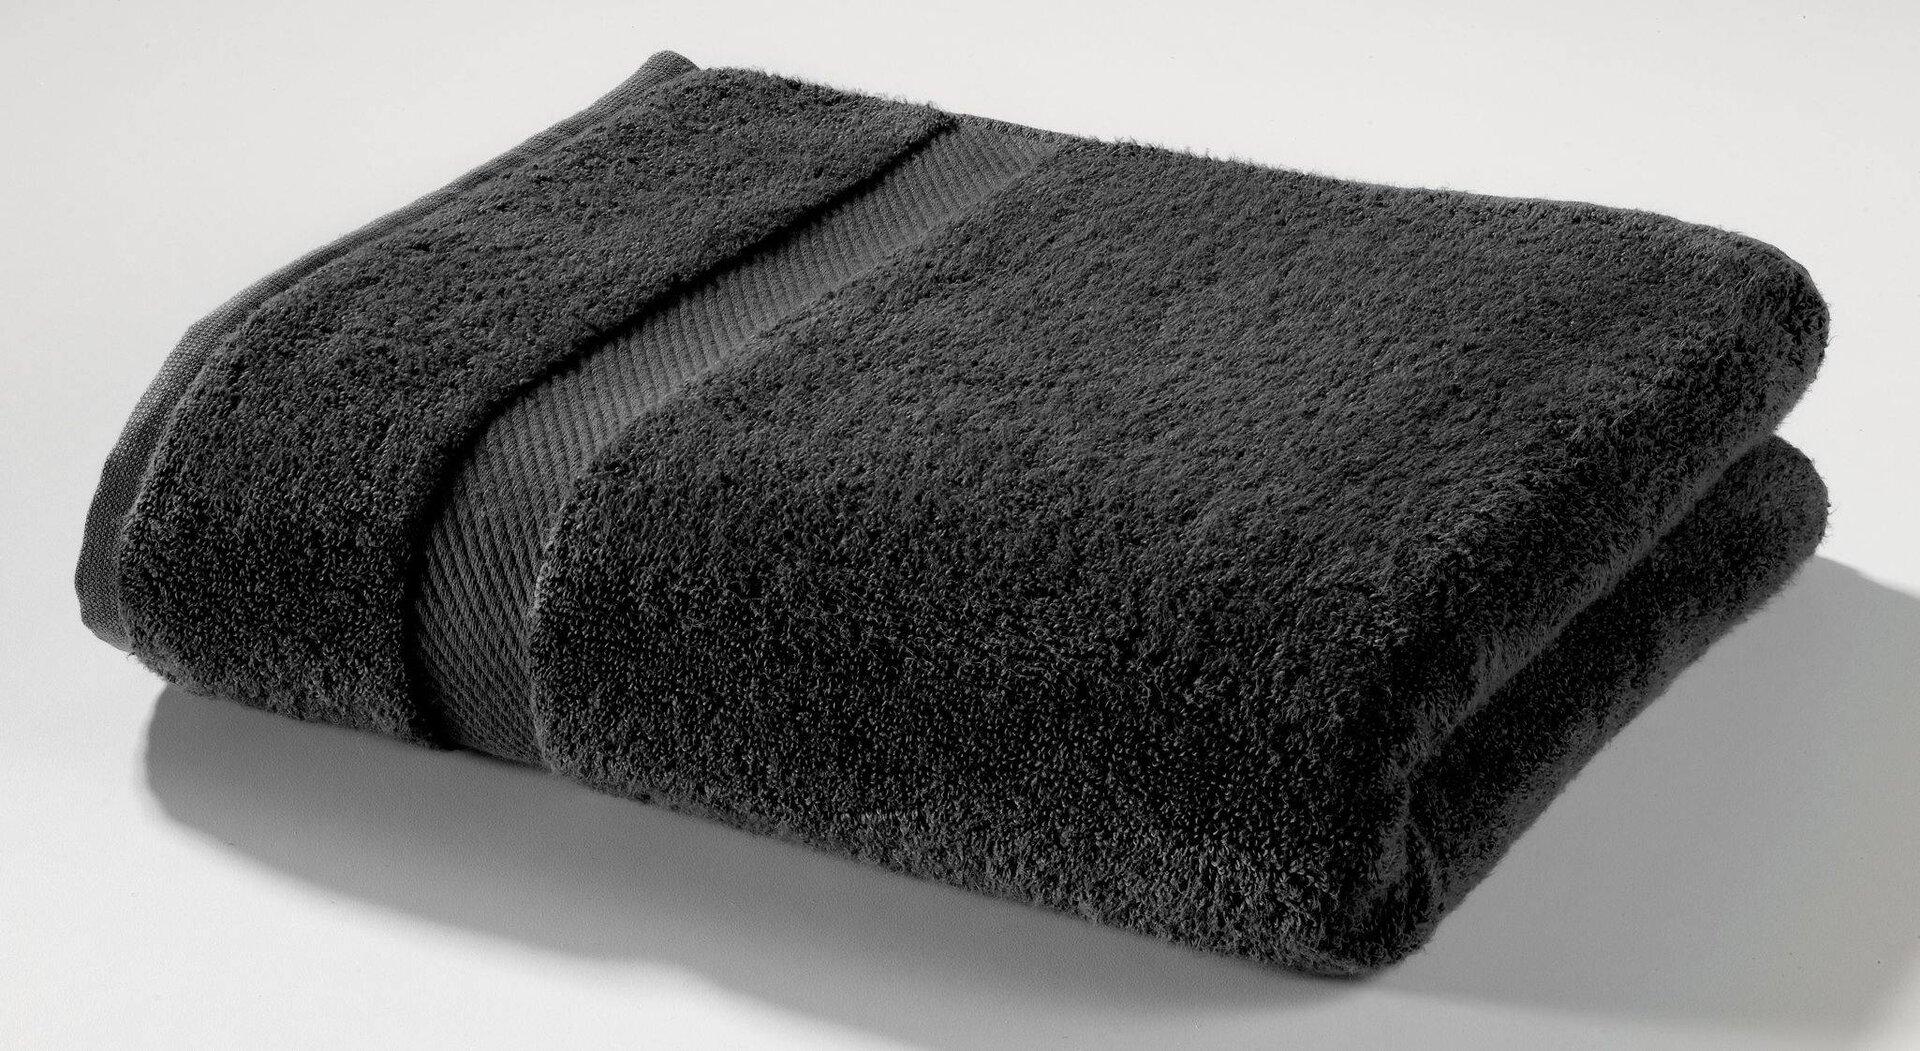 Duschtuch Micro Baumwolle Casa Nova Textil schwarz 70 x 140 cm